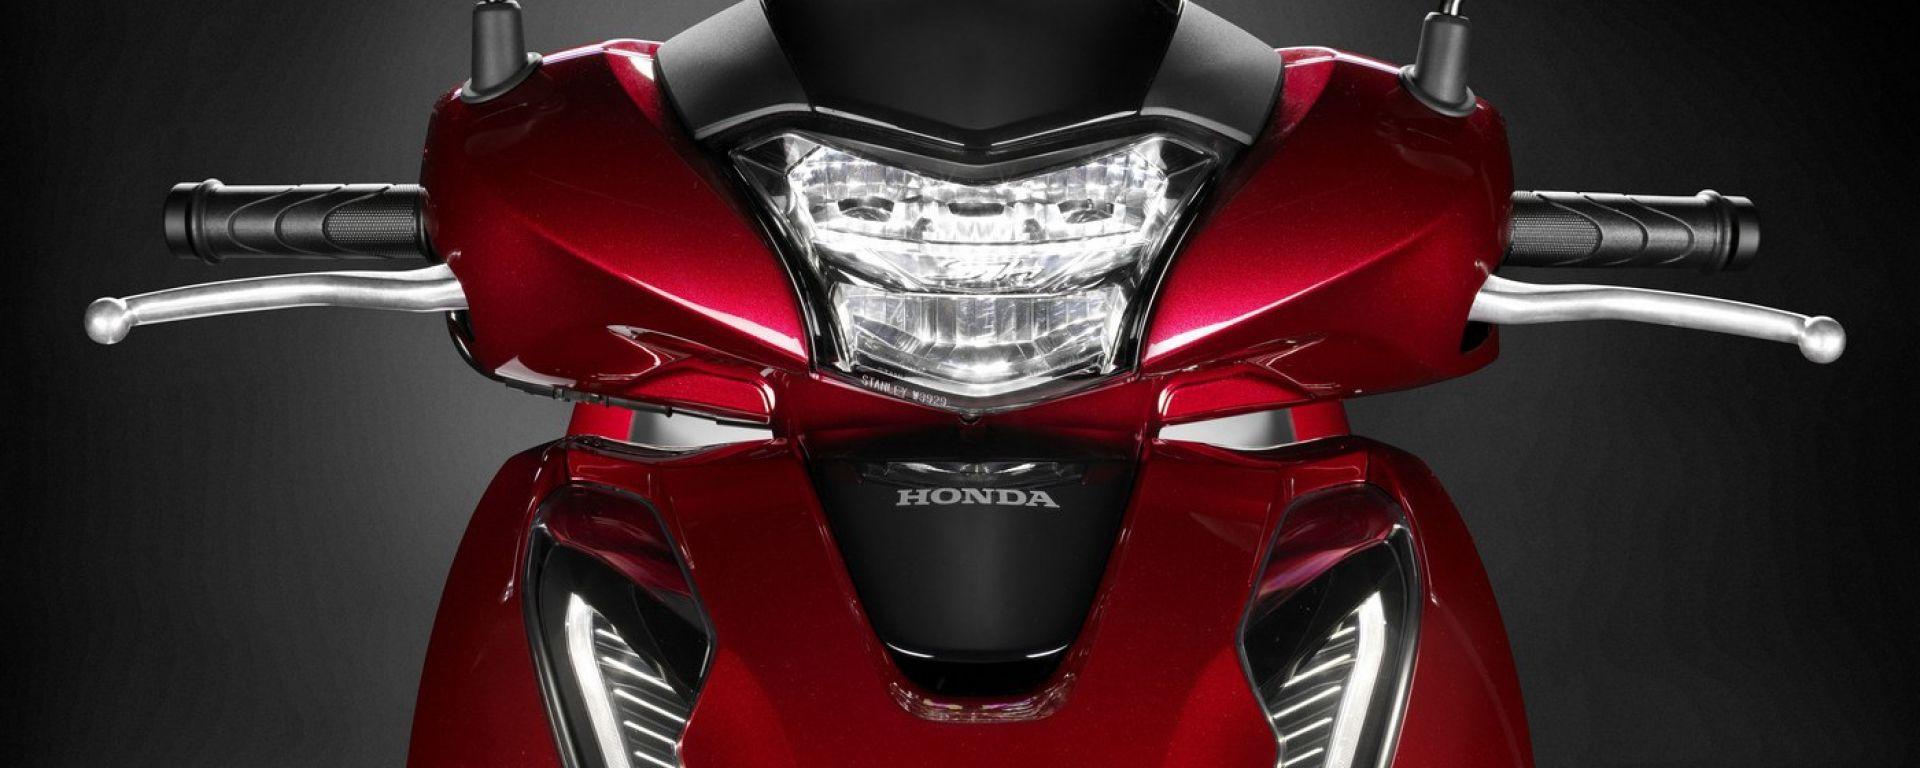 Eicma 2016: Honda SH 125 e 150 my 2017: restyling e novità per l'Eicma - MotorBox